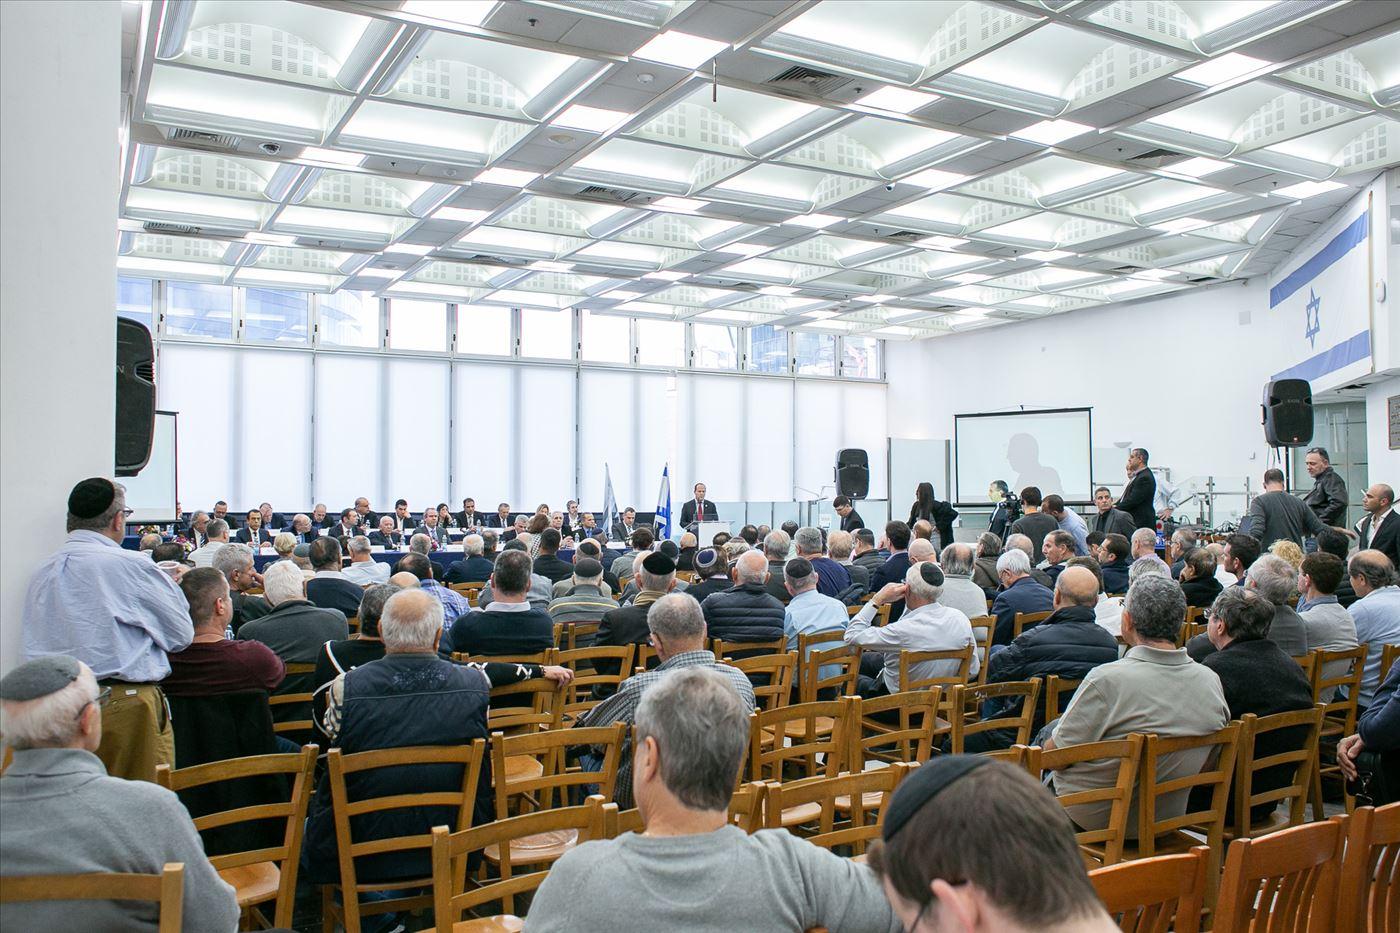 גלרייה - האסיפה הכללית ה-70 תמונה 211 מתוך 239